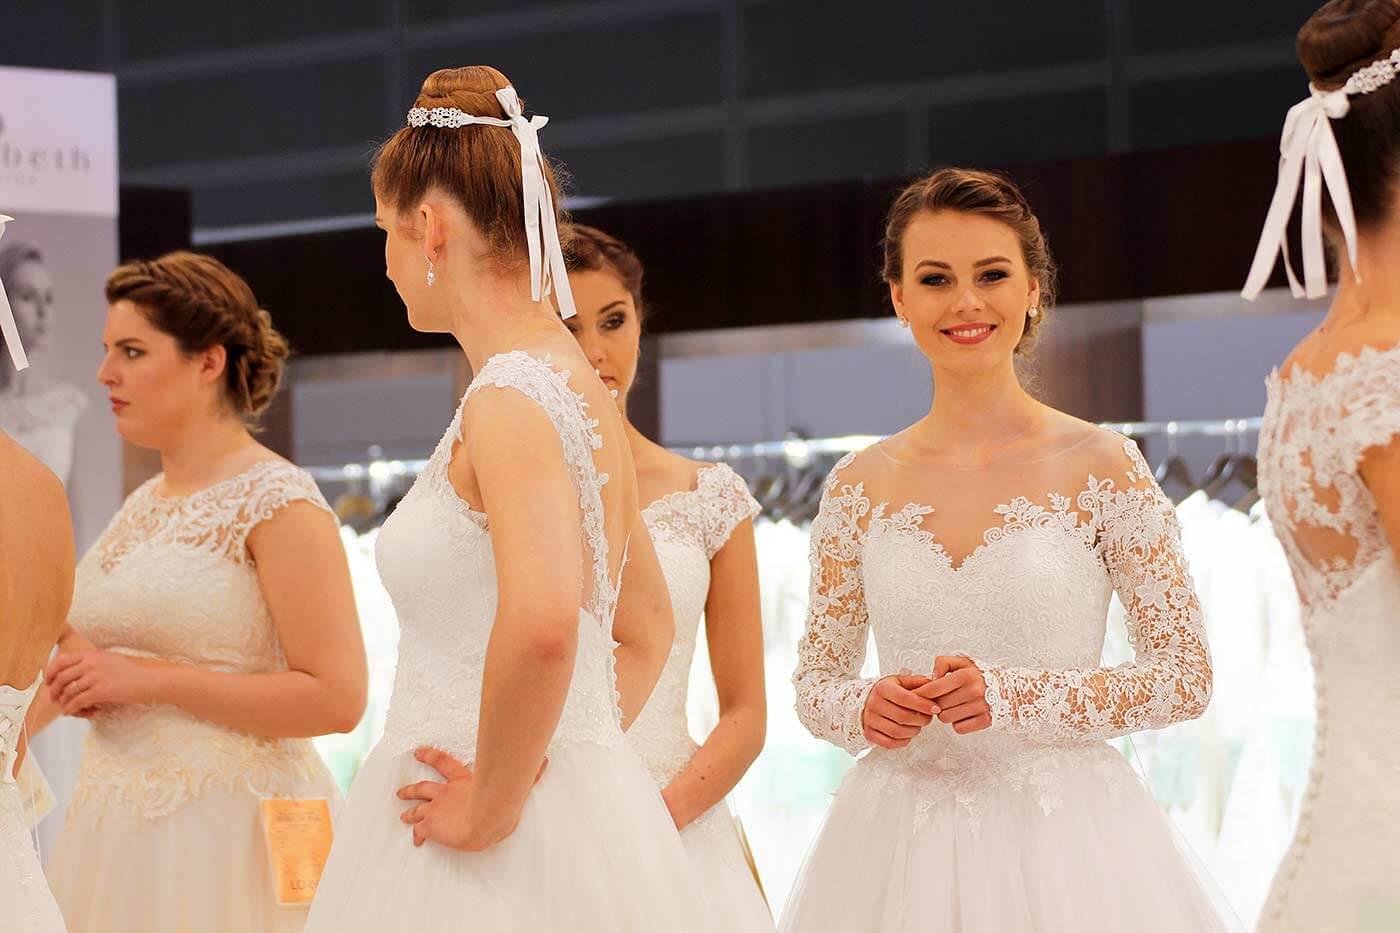 Brautkleider 2018 Trends - Inspirationen in Spitze, Vintage & Boho